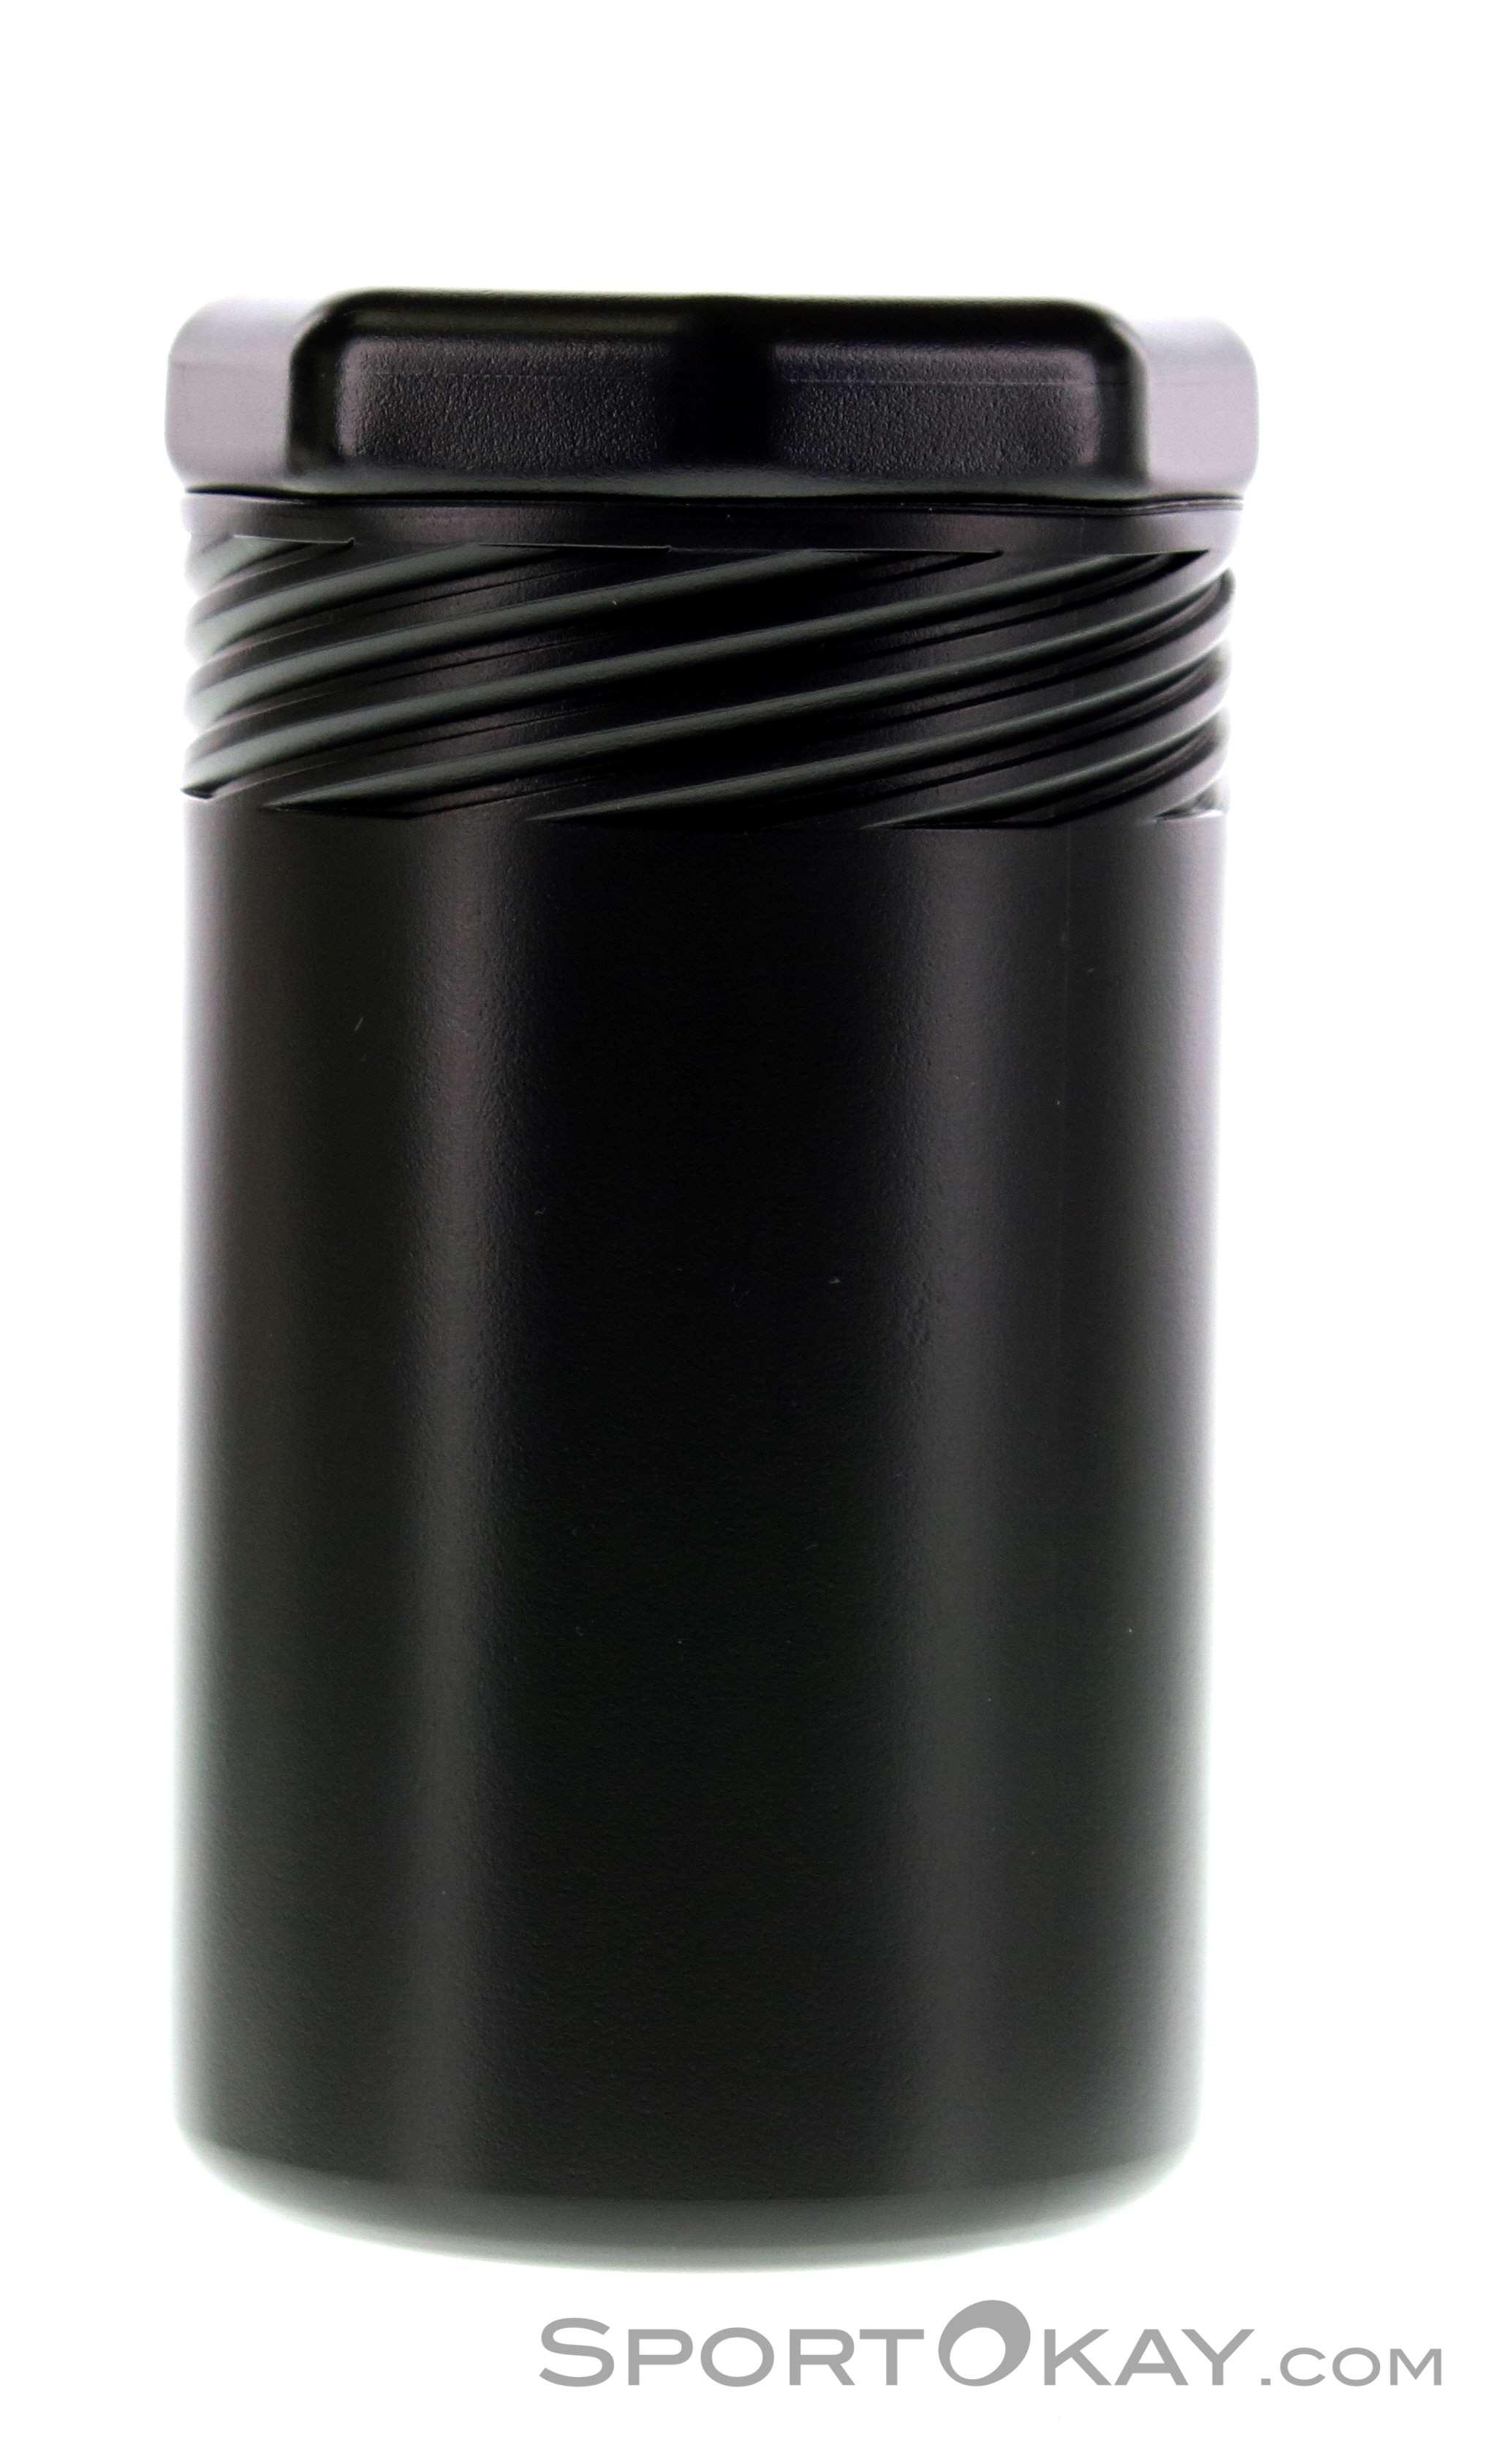 Airsmith Tool-Box Zubehör, Airsmith, Schwarz, , Unisex, 0265-10009, 5637548267, 4712862790598, N1-01.jpg